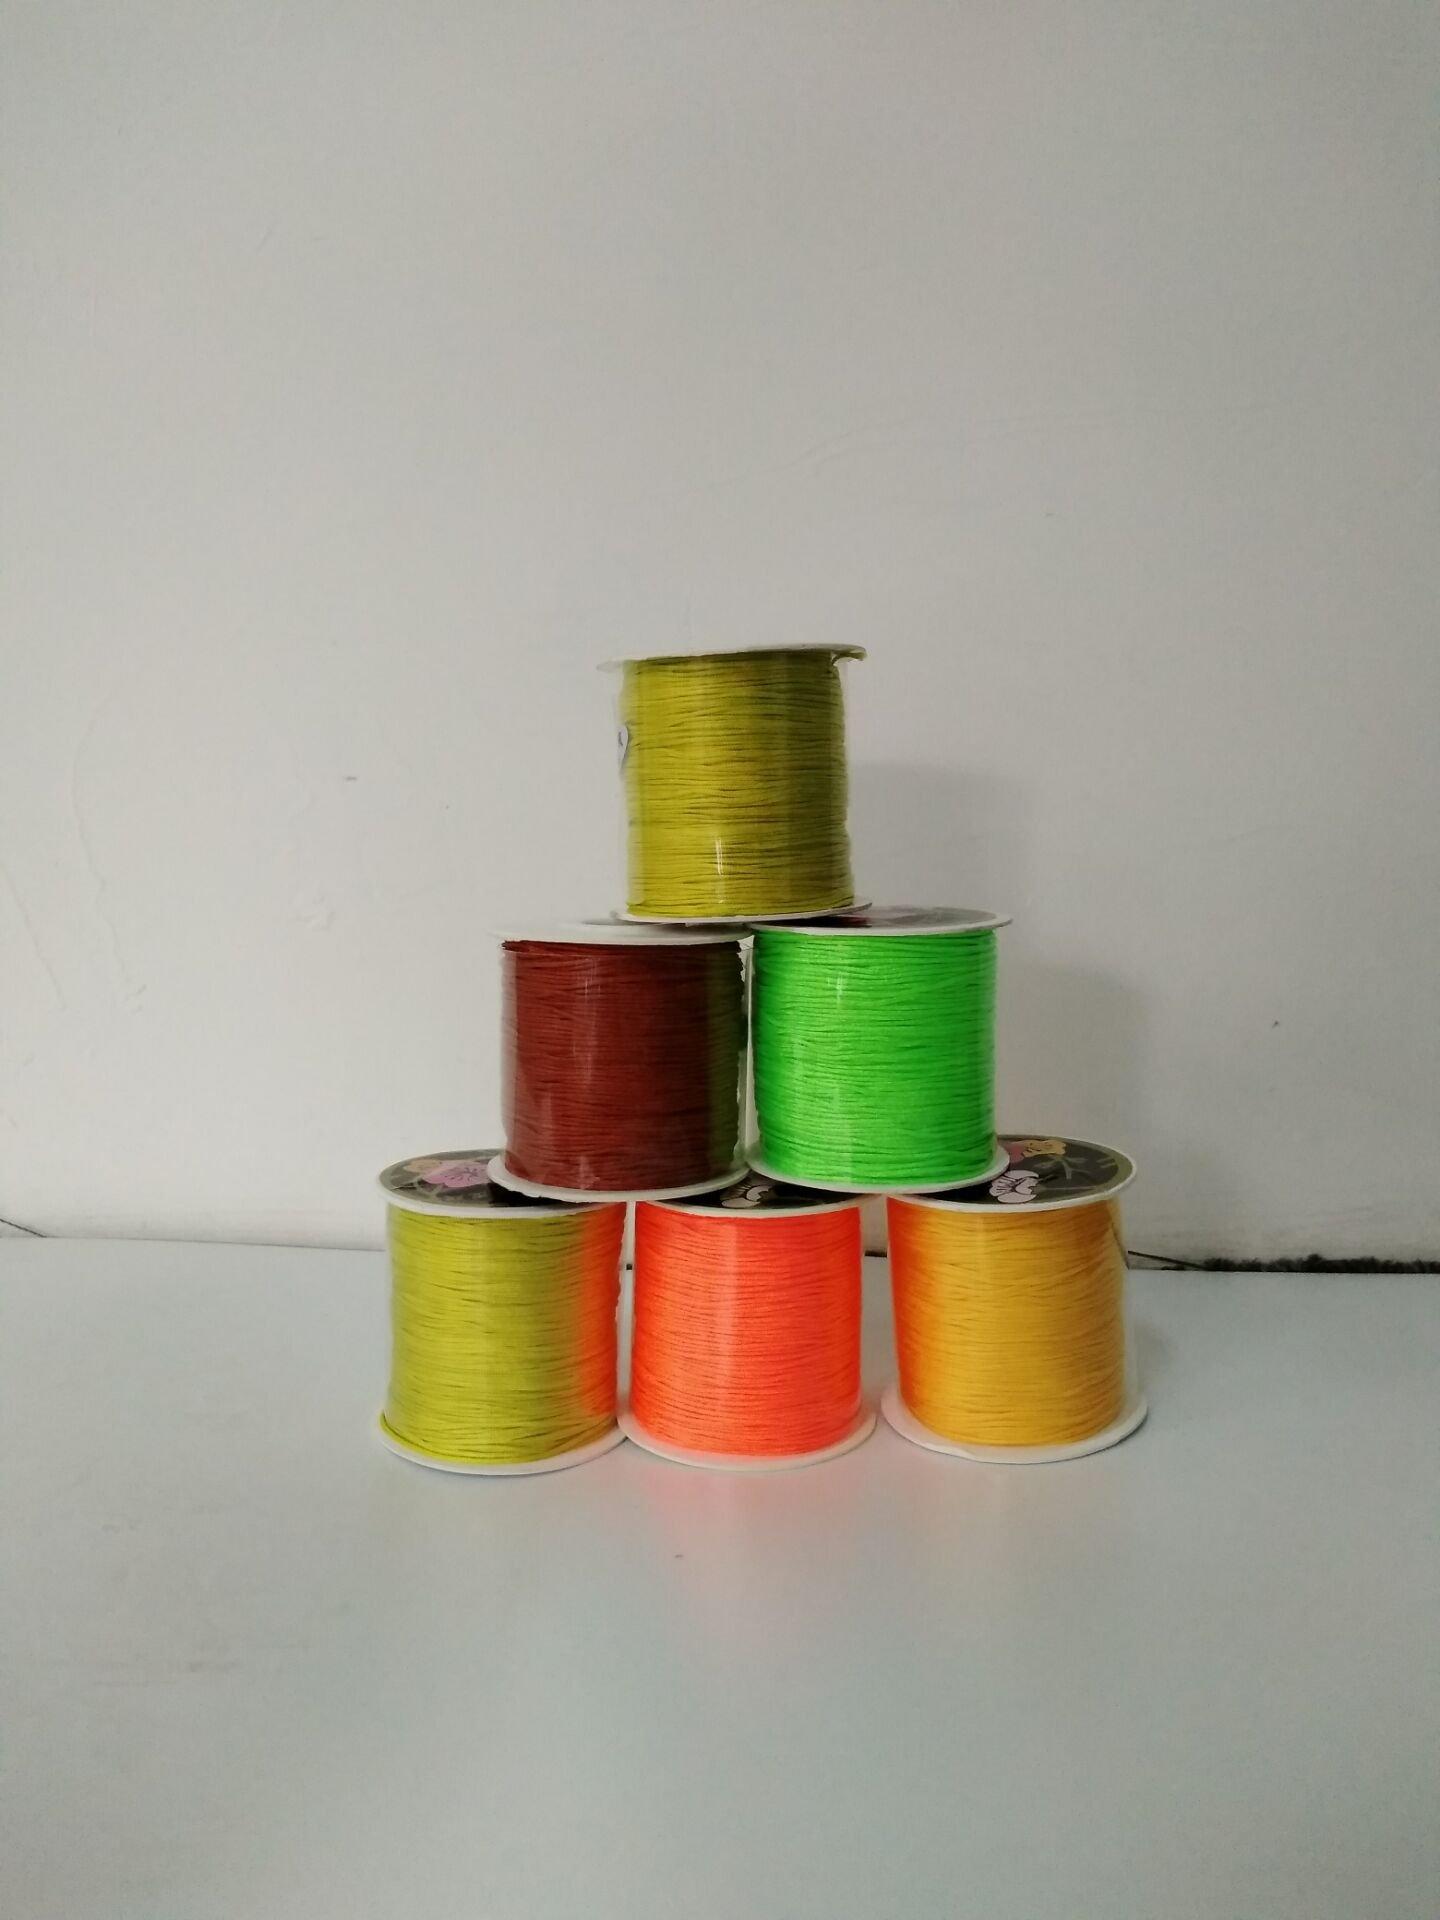 Yerger Chinese Knotting Cord Nylon Shamballa Macrame Thread Rope 0.5mm(Ten of packs)